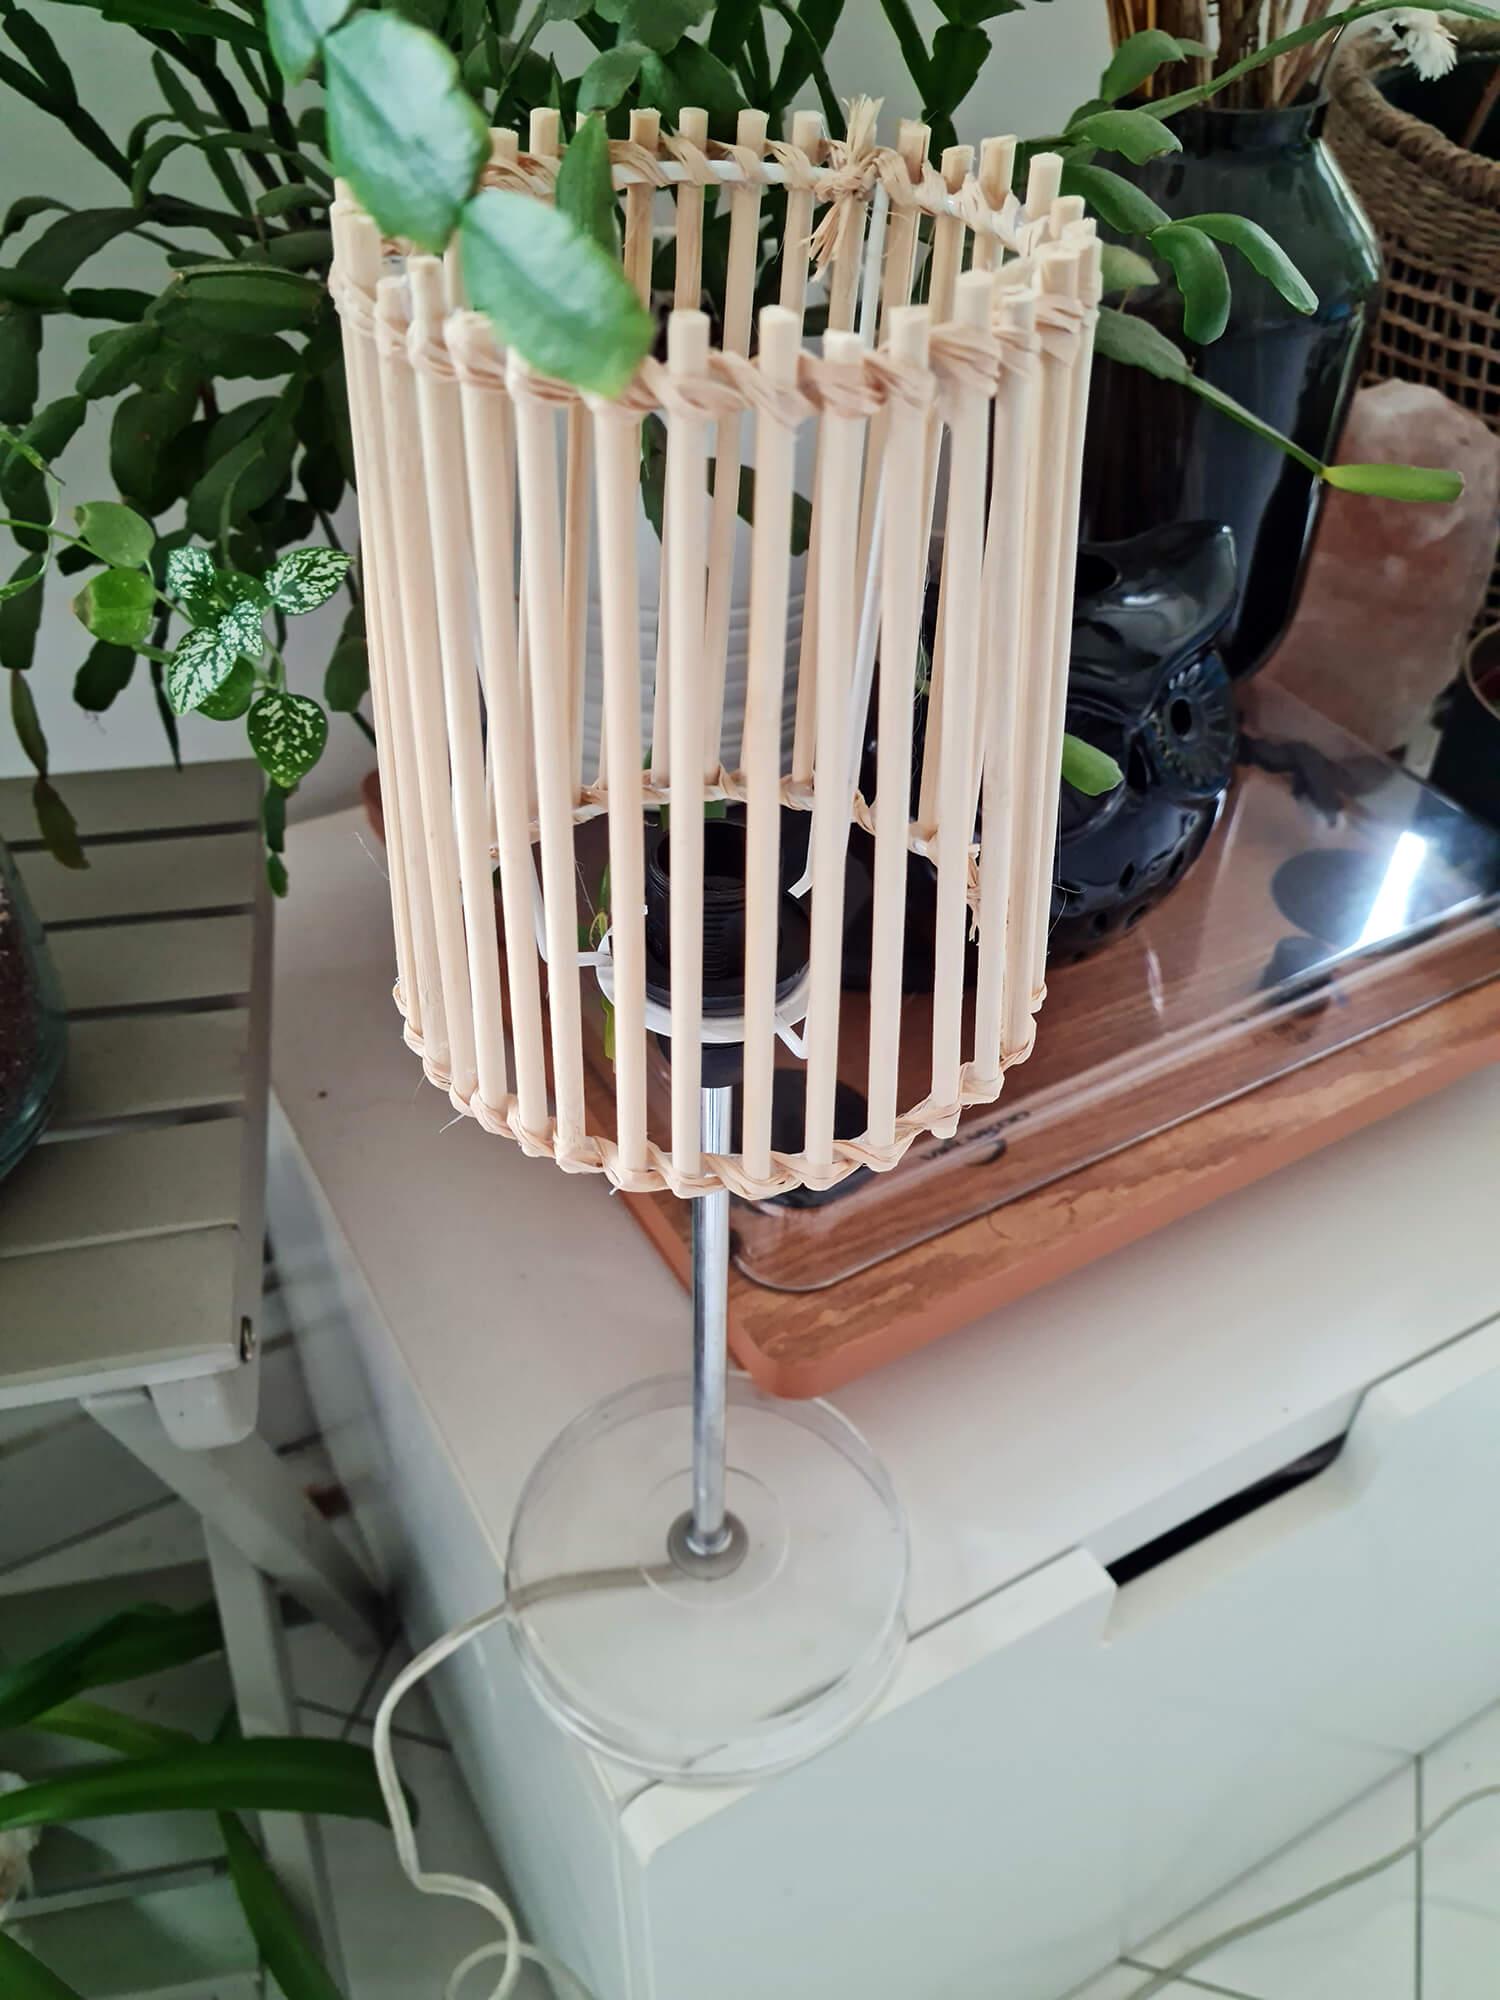 20210409 150910 - Fabriquer une lampe nature en bois pour diffuser une lumière douce